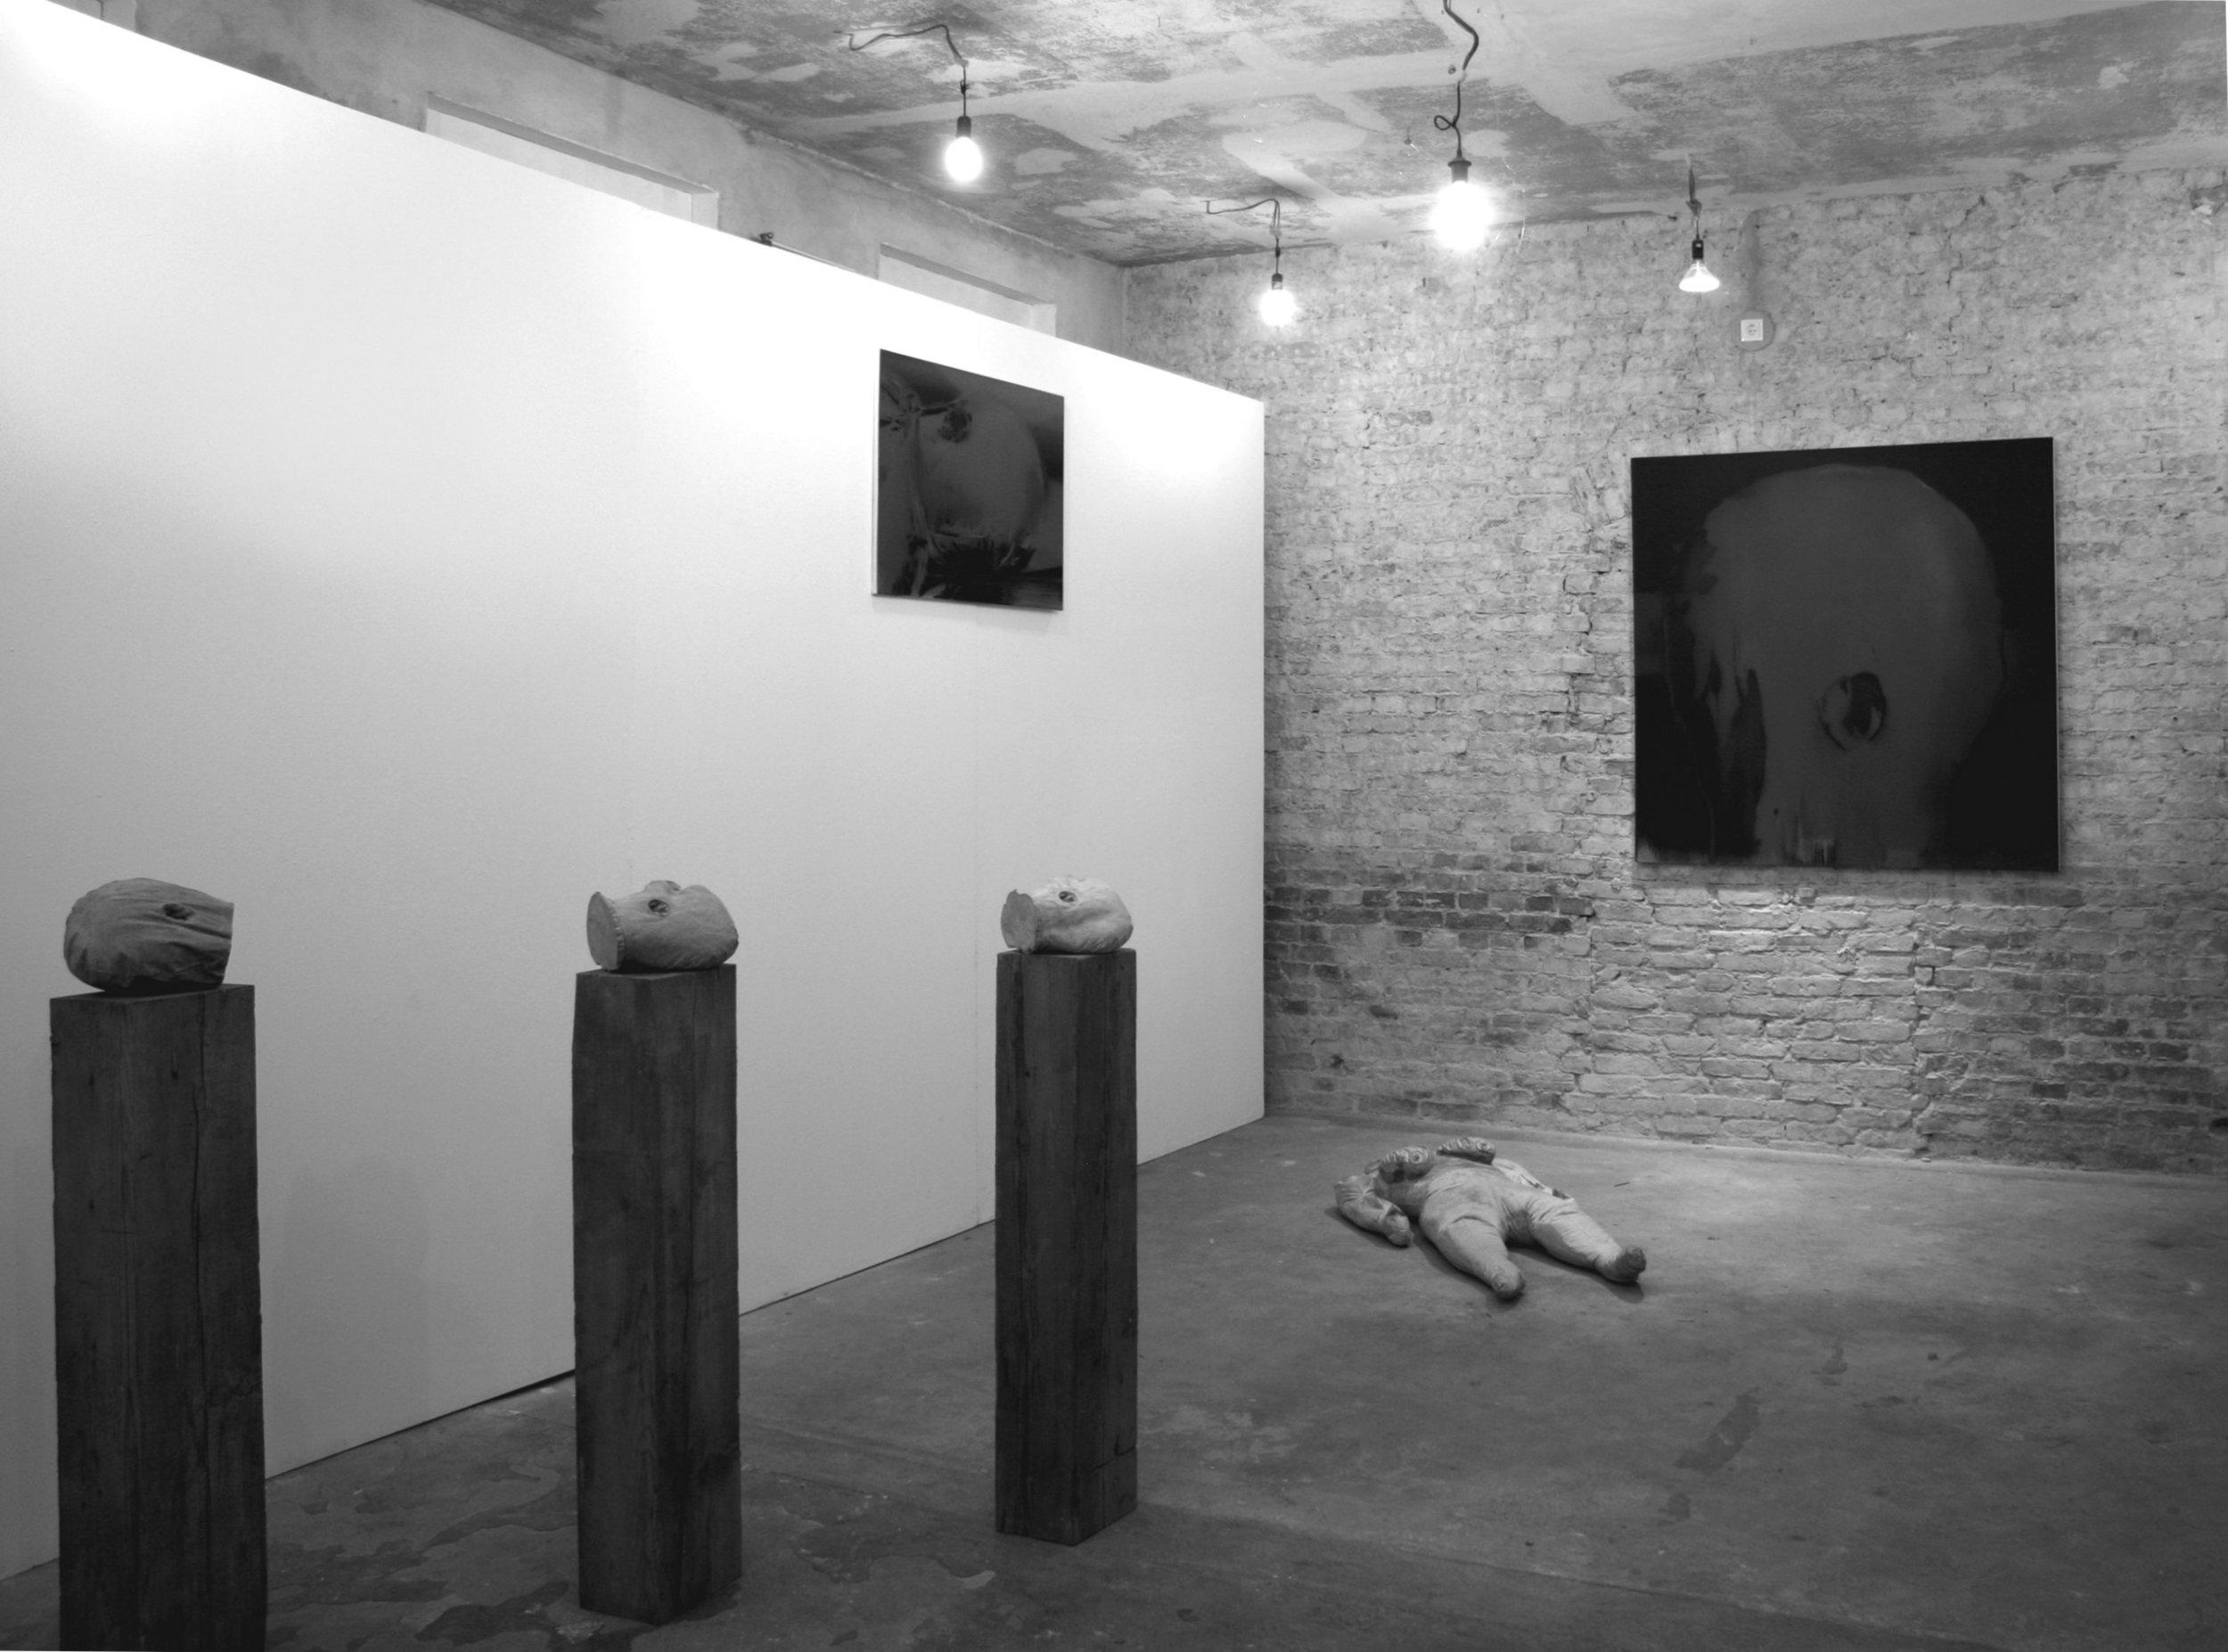 2010 L. C. Artgalerie, Berlin